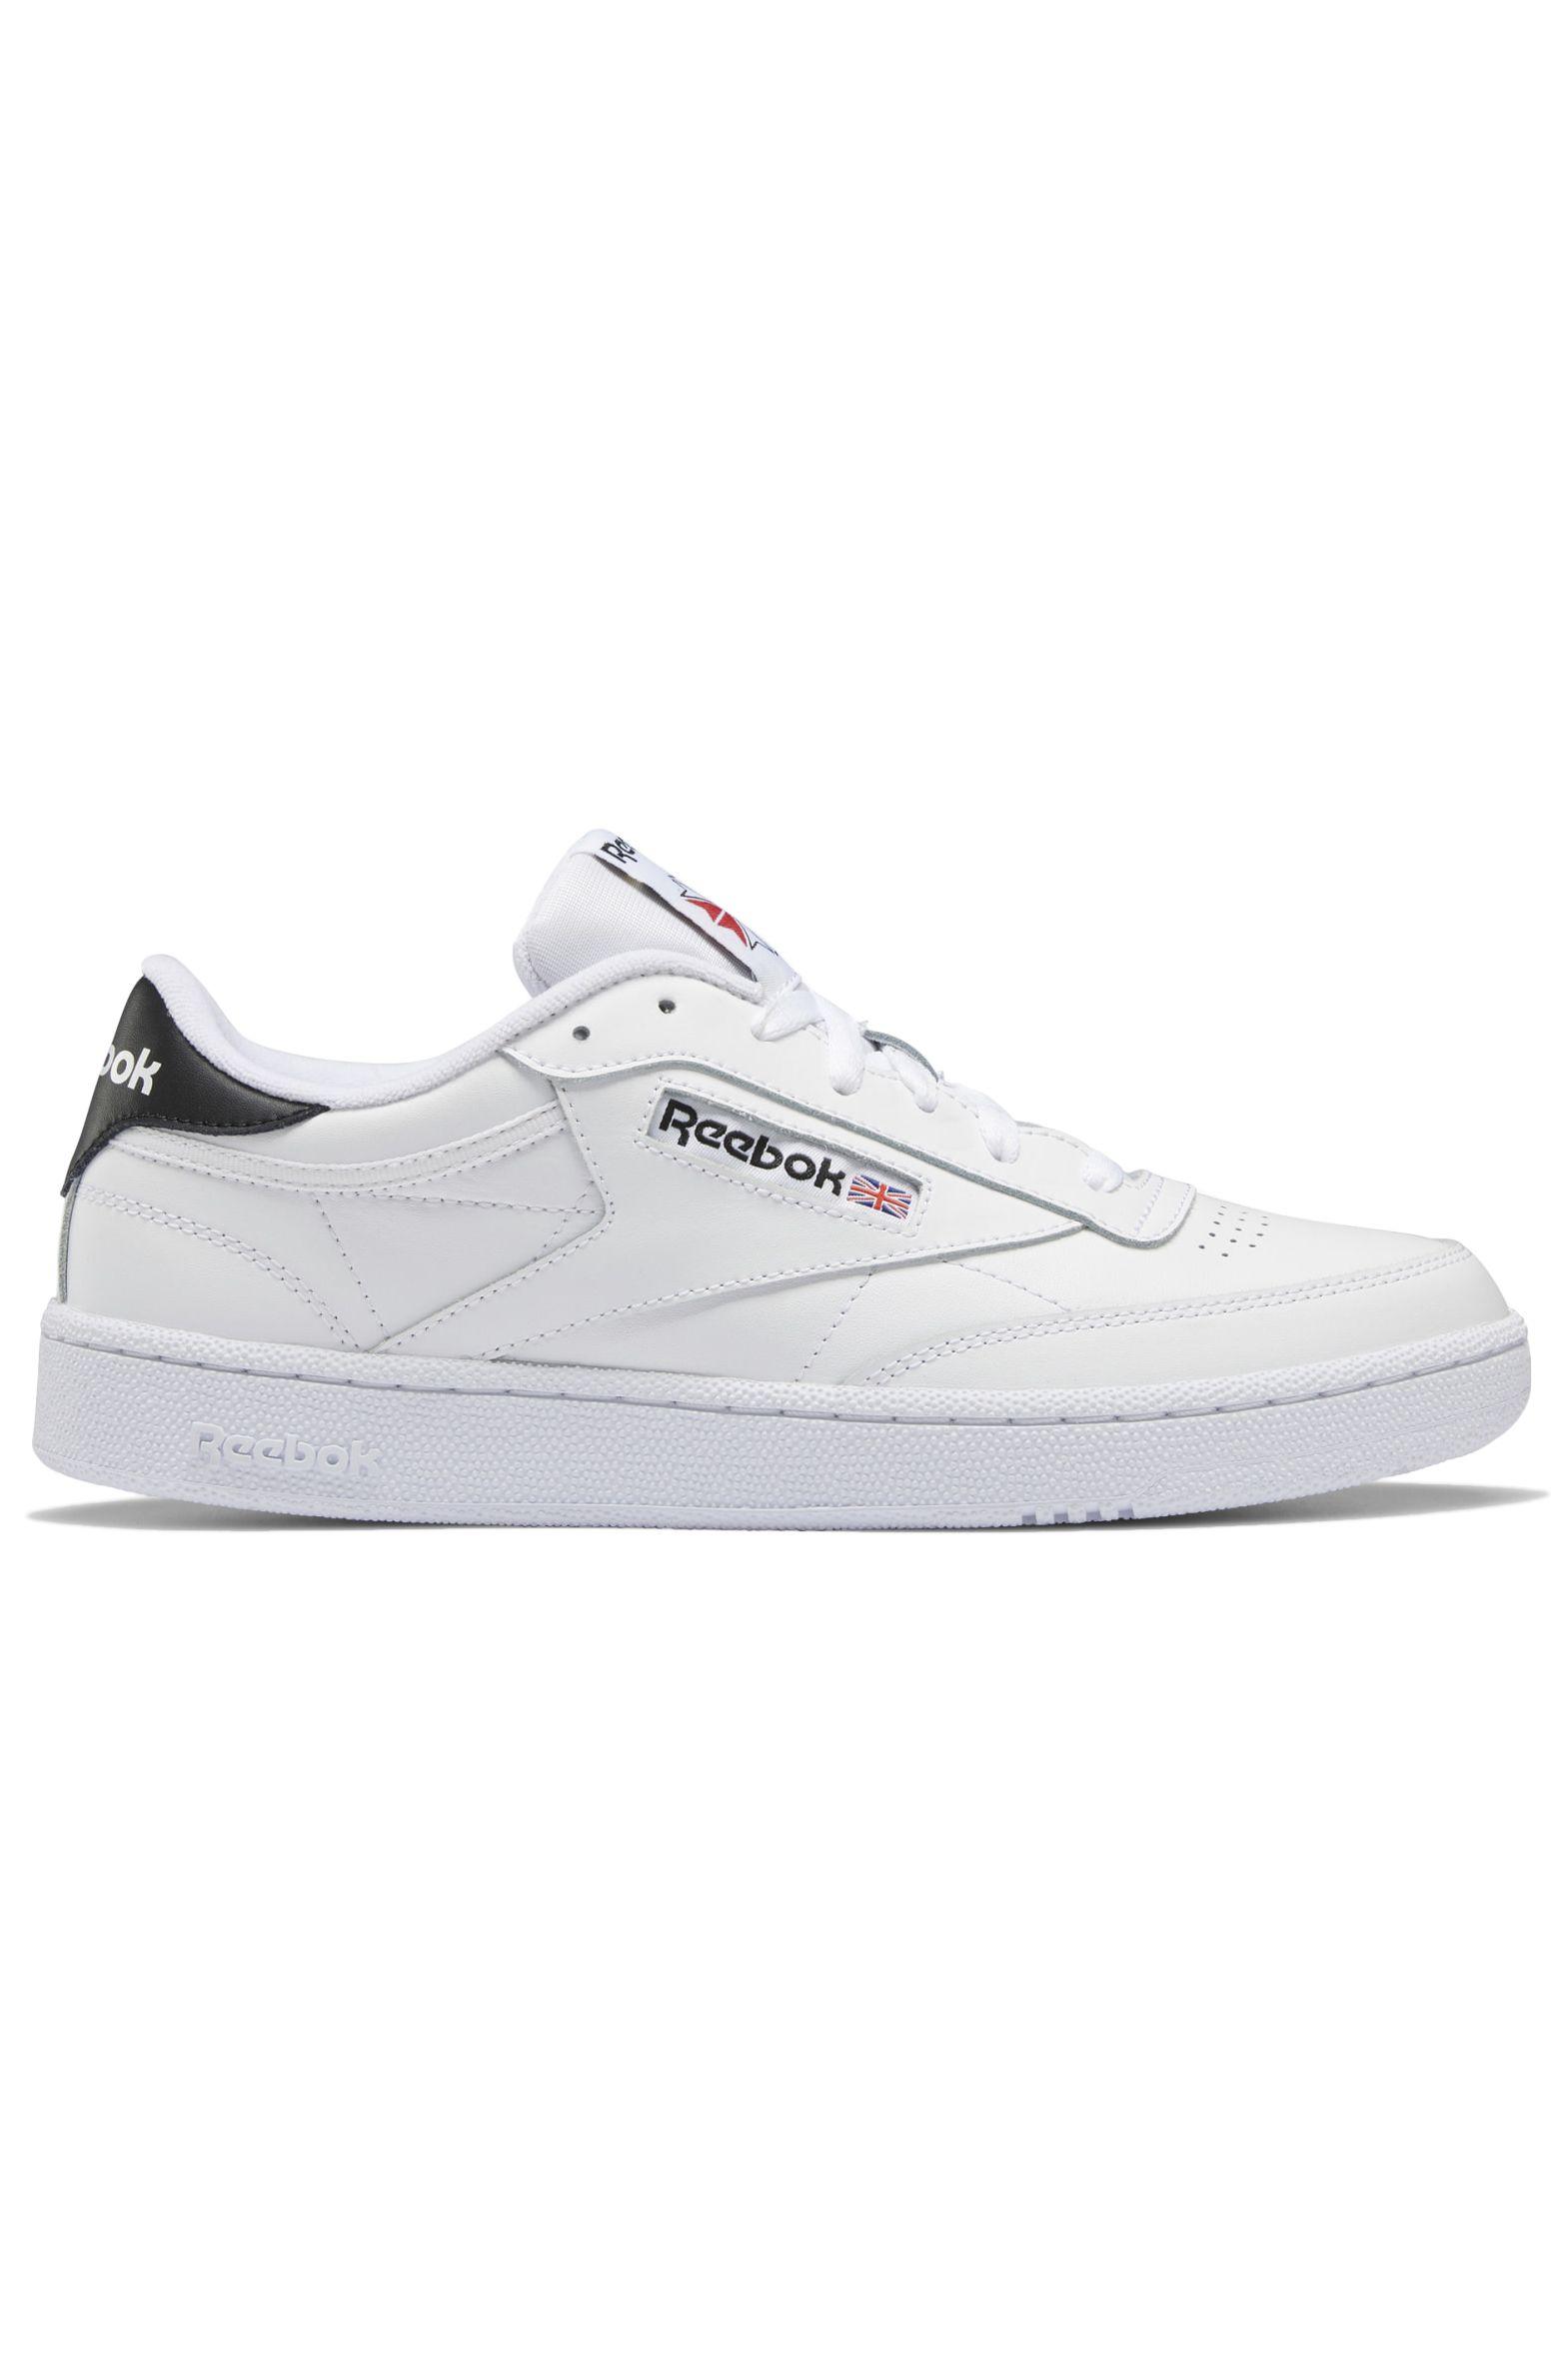 Reebok Shoes CLUB C 85 Ftwrwhite